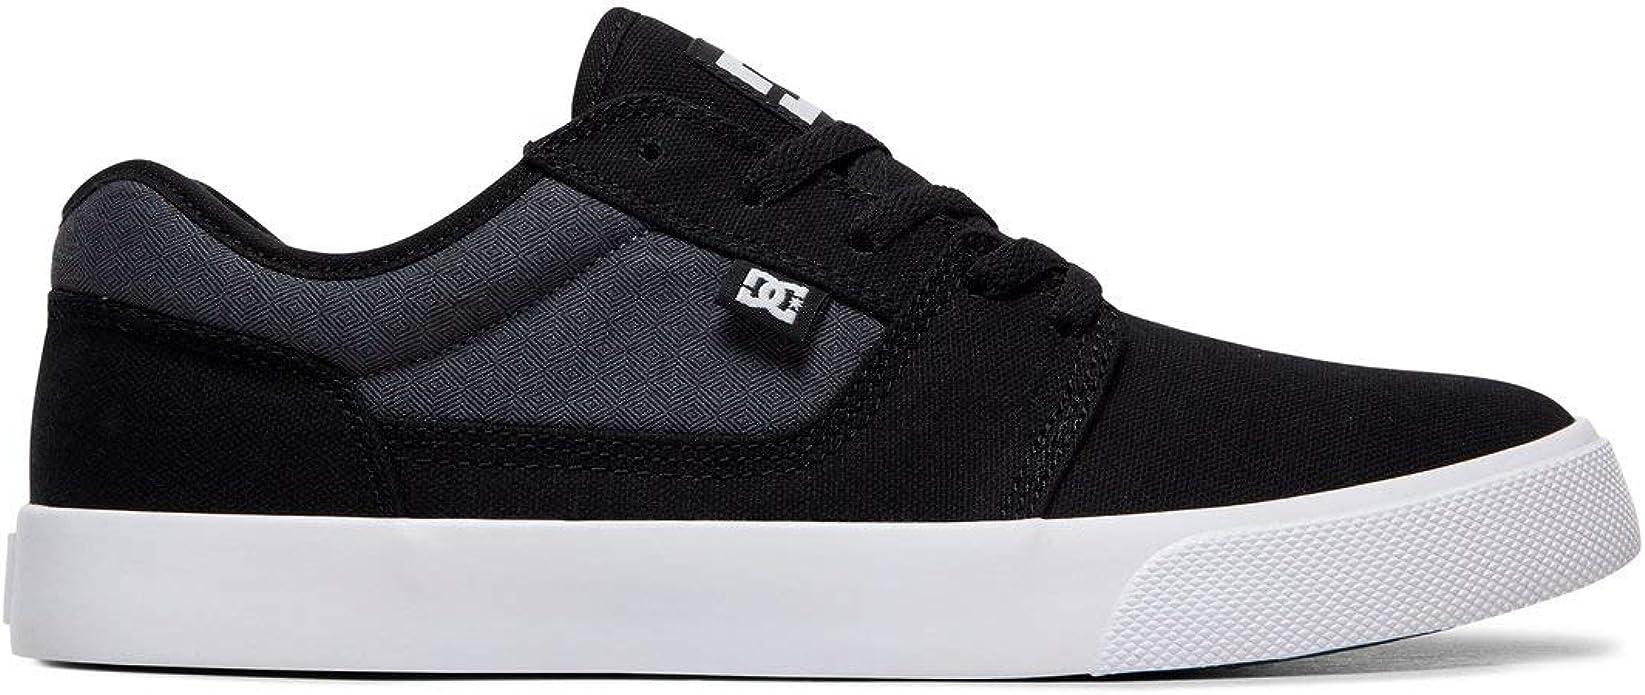 DC Tonik TX SE Sneaker Herren Schwarz/Grau